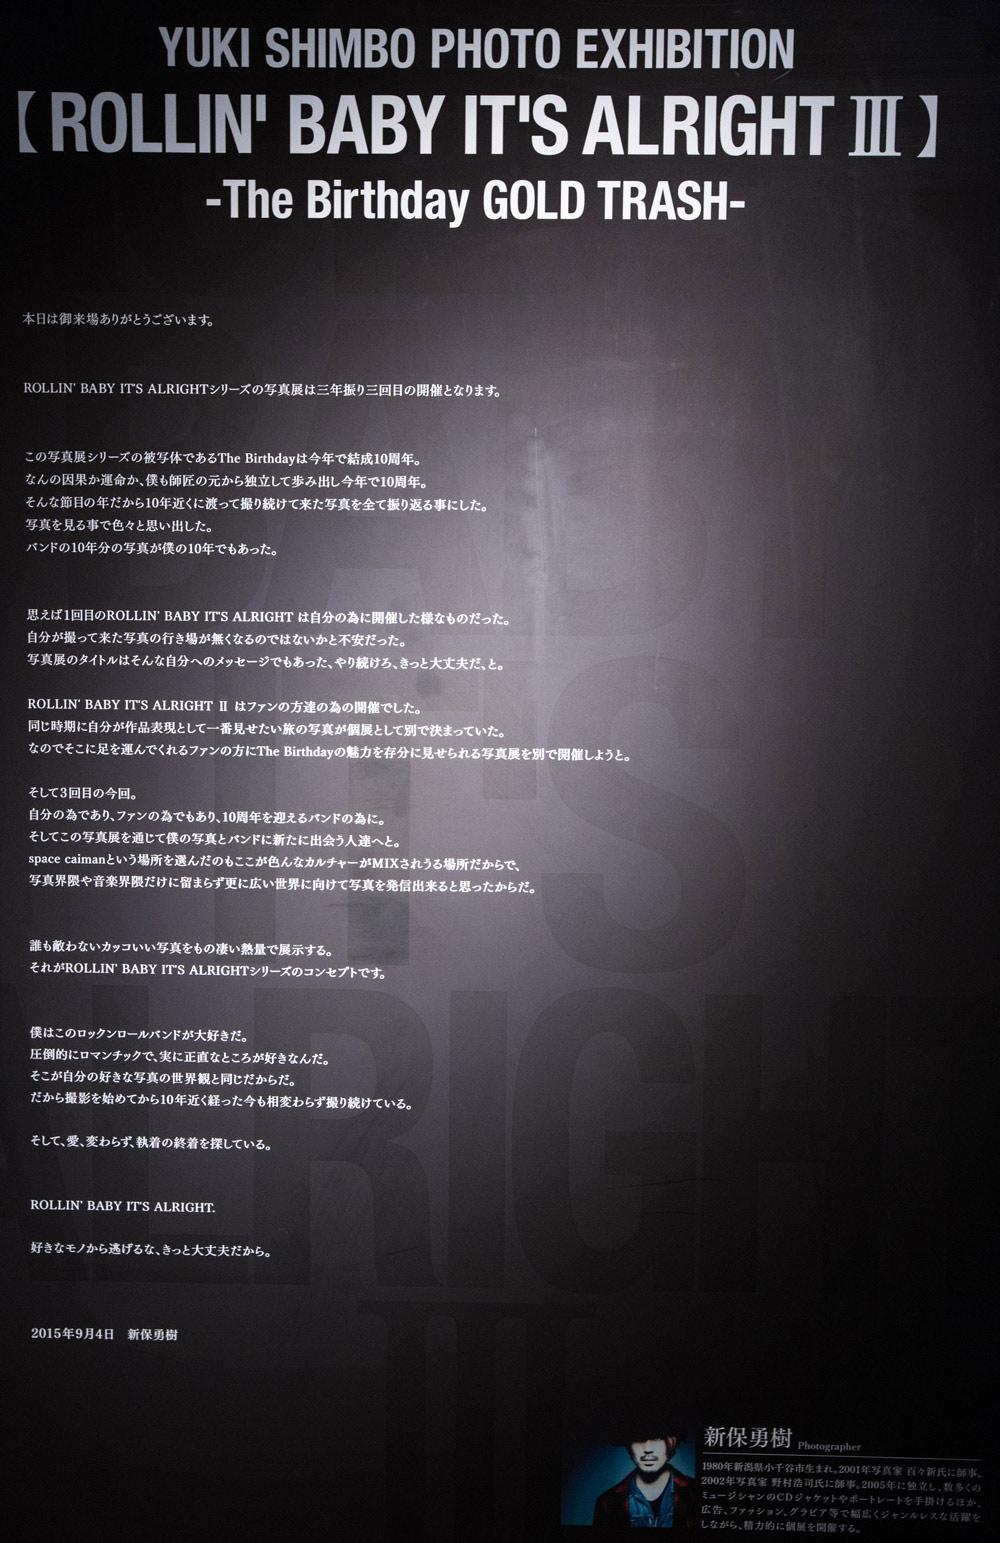 合法 的 トビ カタ ノススメ 歌詞